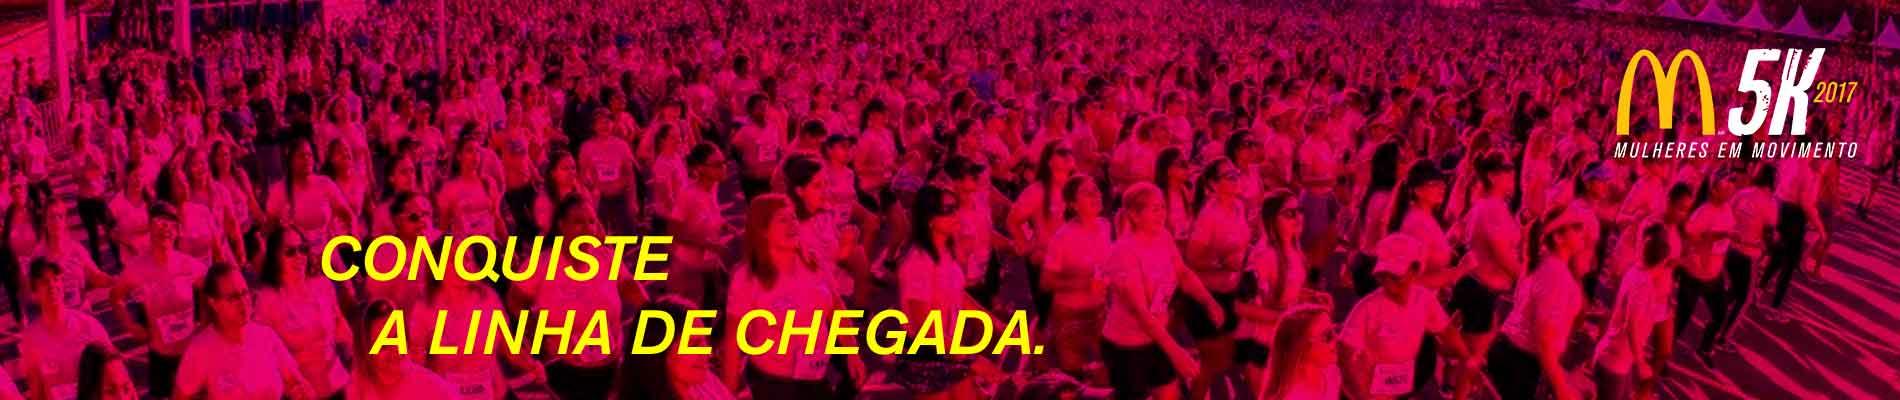 CORRIDA E CAMINHADA FEMININA McDONALD'S 5K 2017 - BELO HORIZONTE - Imagem de topo